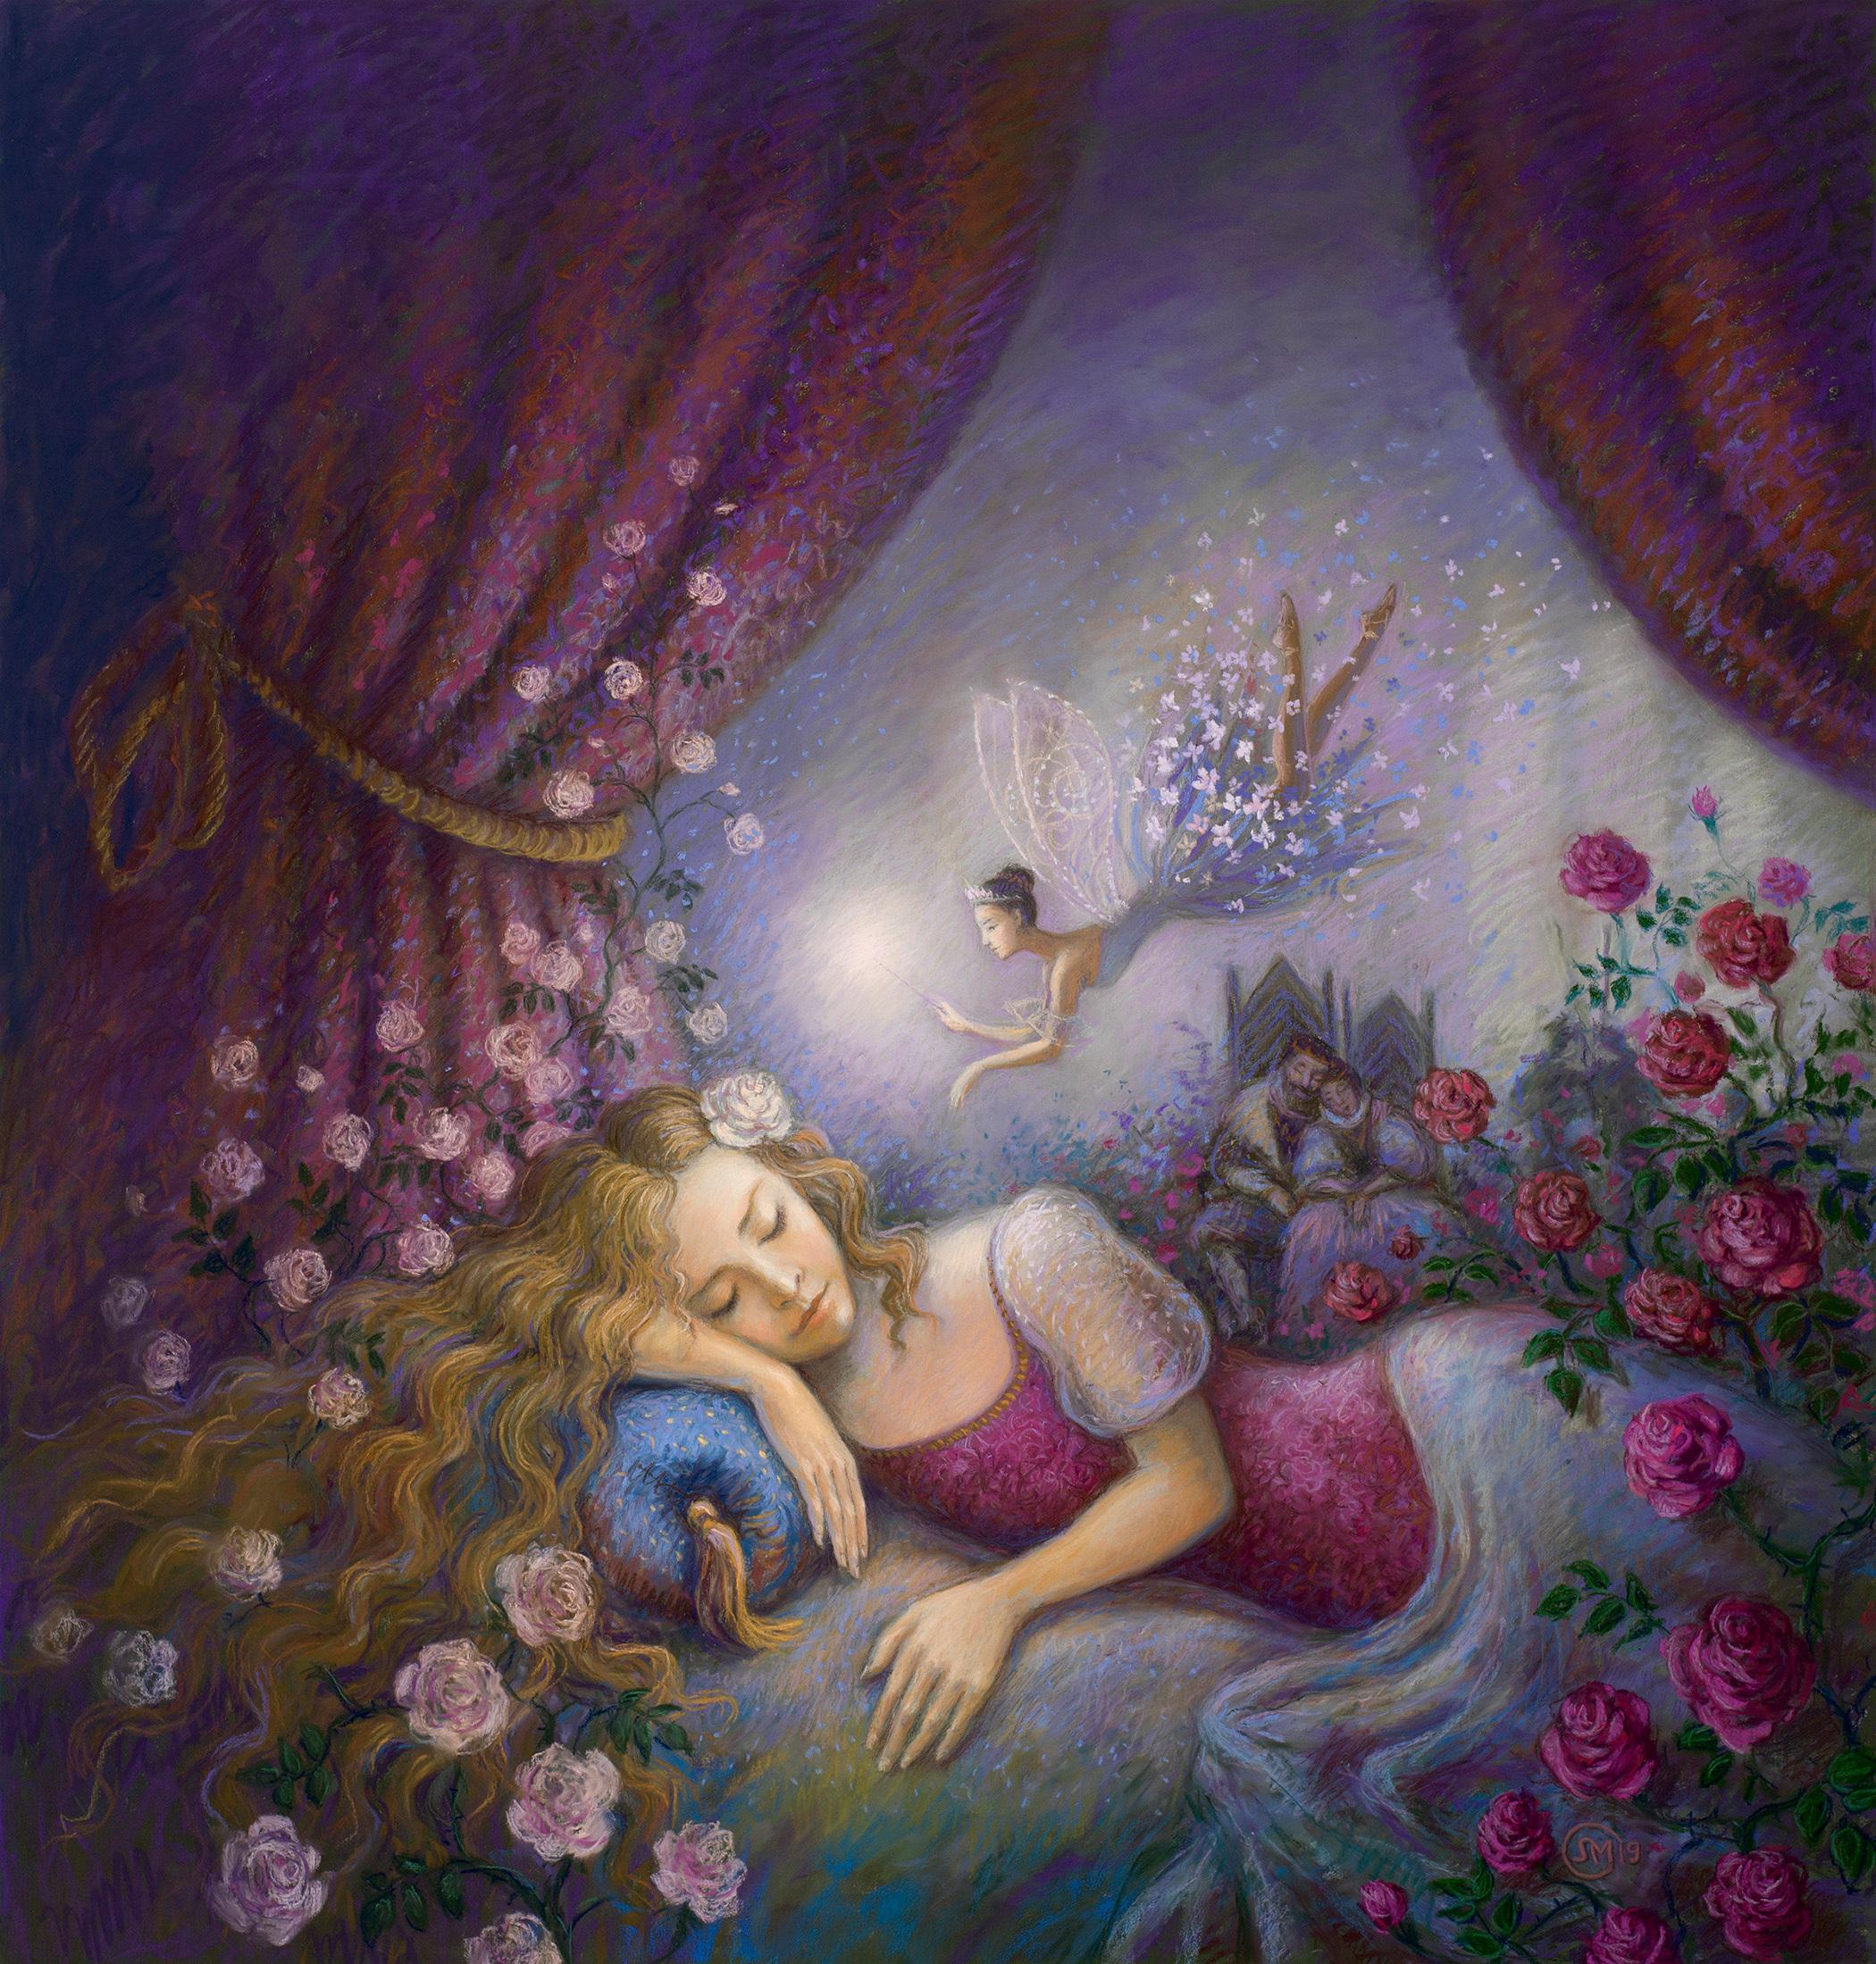 2019 bogan sleeping beauty rbt9ud